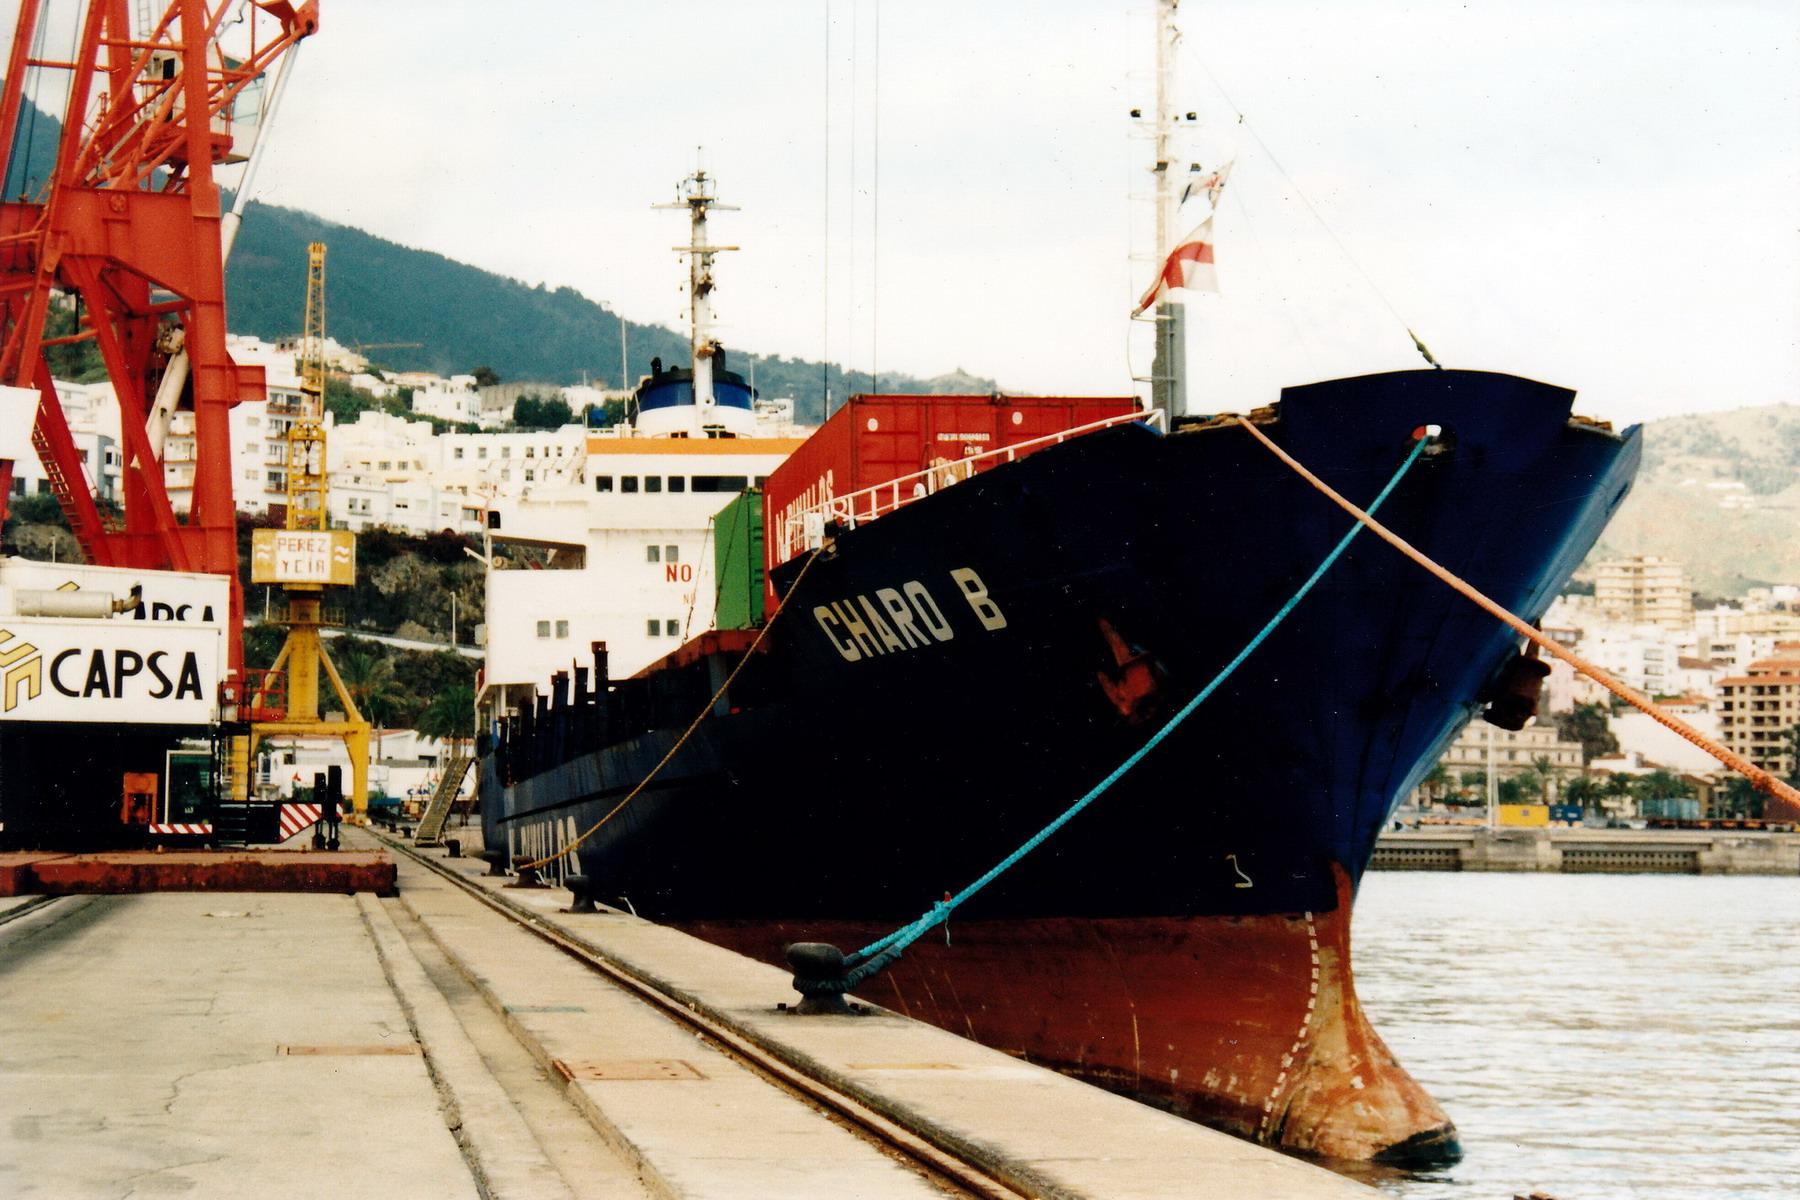 CHARO_B_7711660_©Jorge_L._Henríquez_Hernández._15_diciembre_2003_(1)